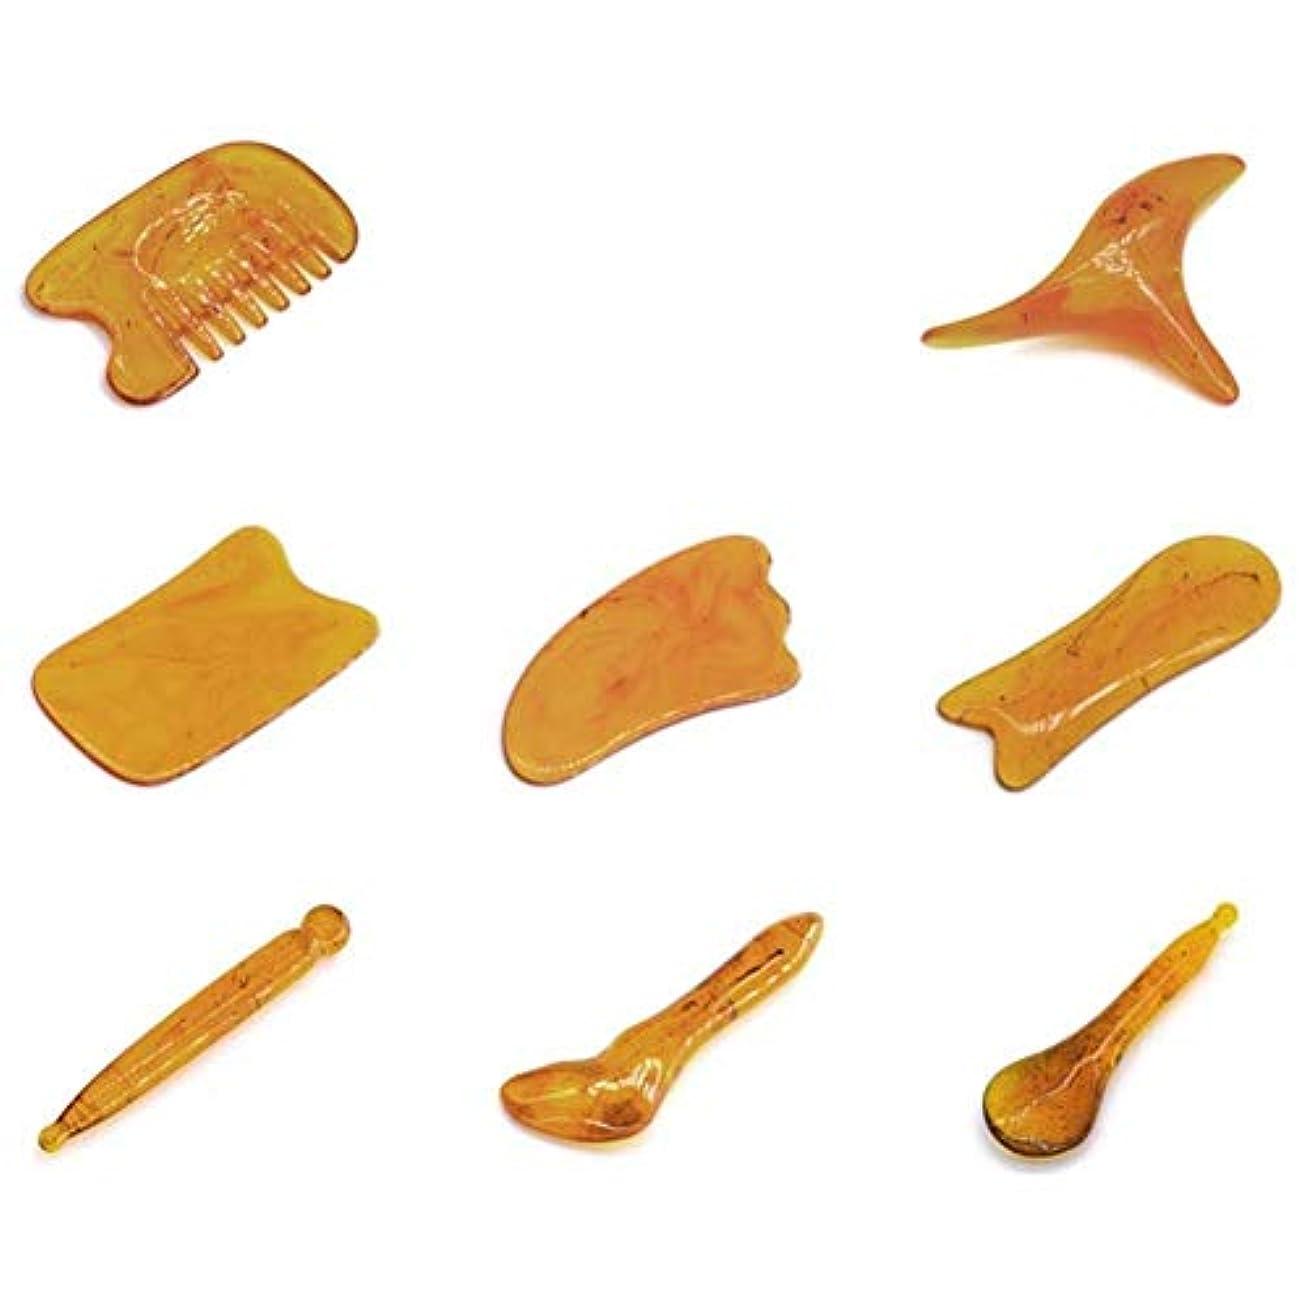 無関心恨み正確さGua Shaのこするマッサージ用具のハンドメイドのヒスイGuasha板、用具SPAの刺鍼術療法の表面腕のフィートの小さい三角形の形の引き金のポイント処置